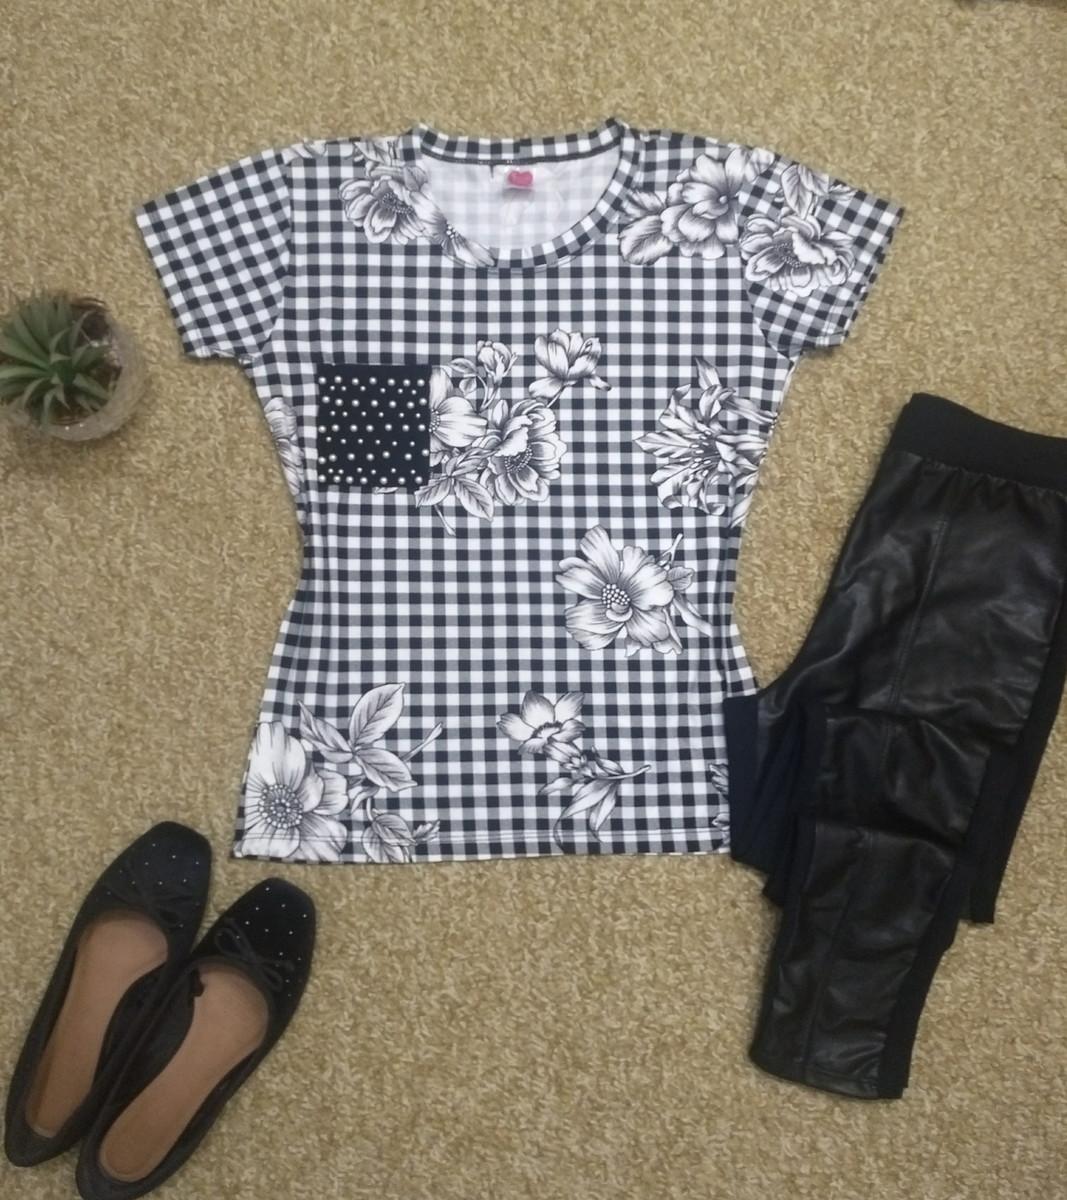 af050d6144 Camiseta bordada Xadrez com bolsinho de pérolas no Elo7